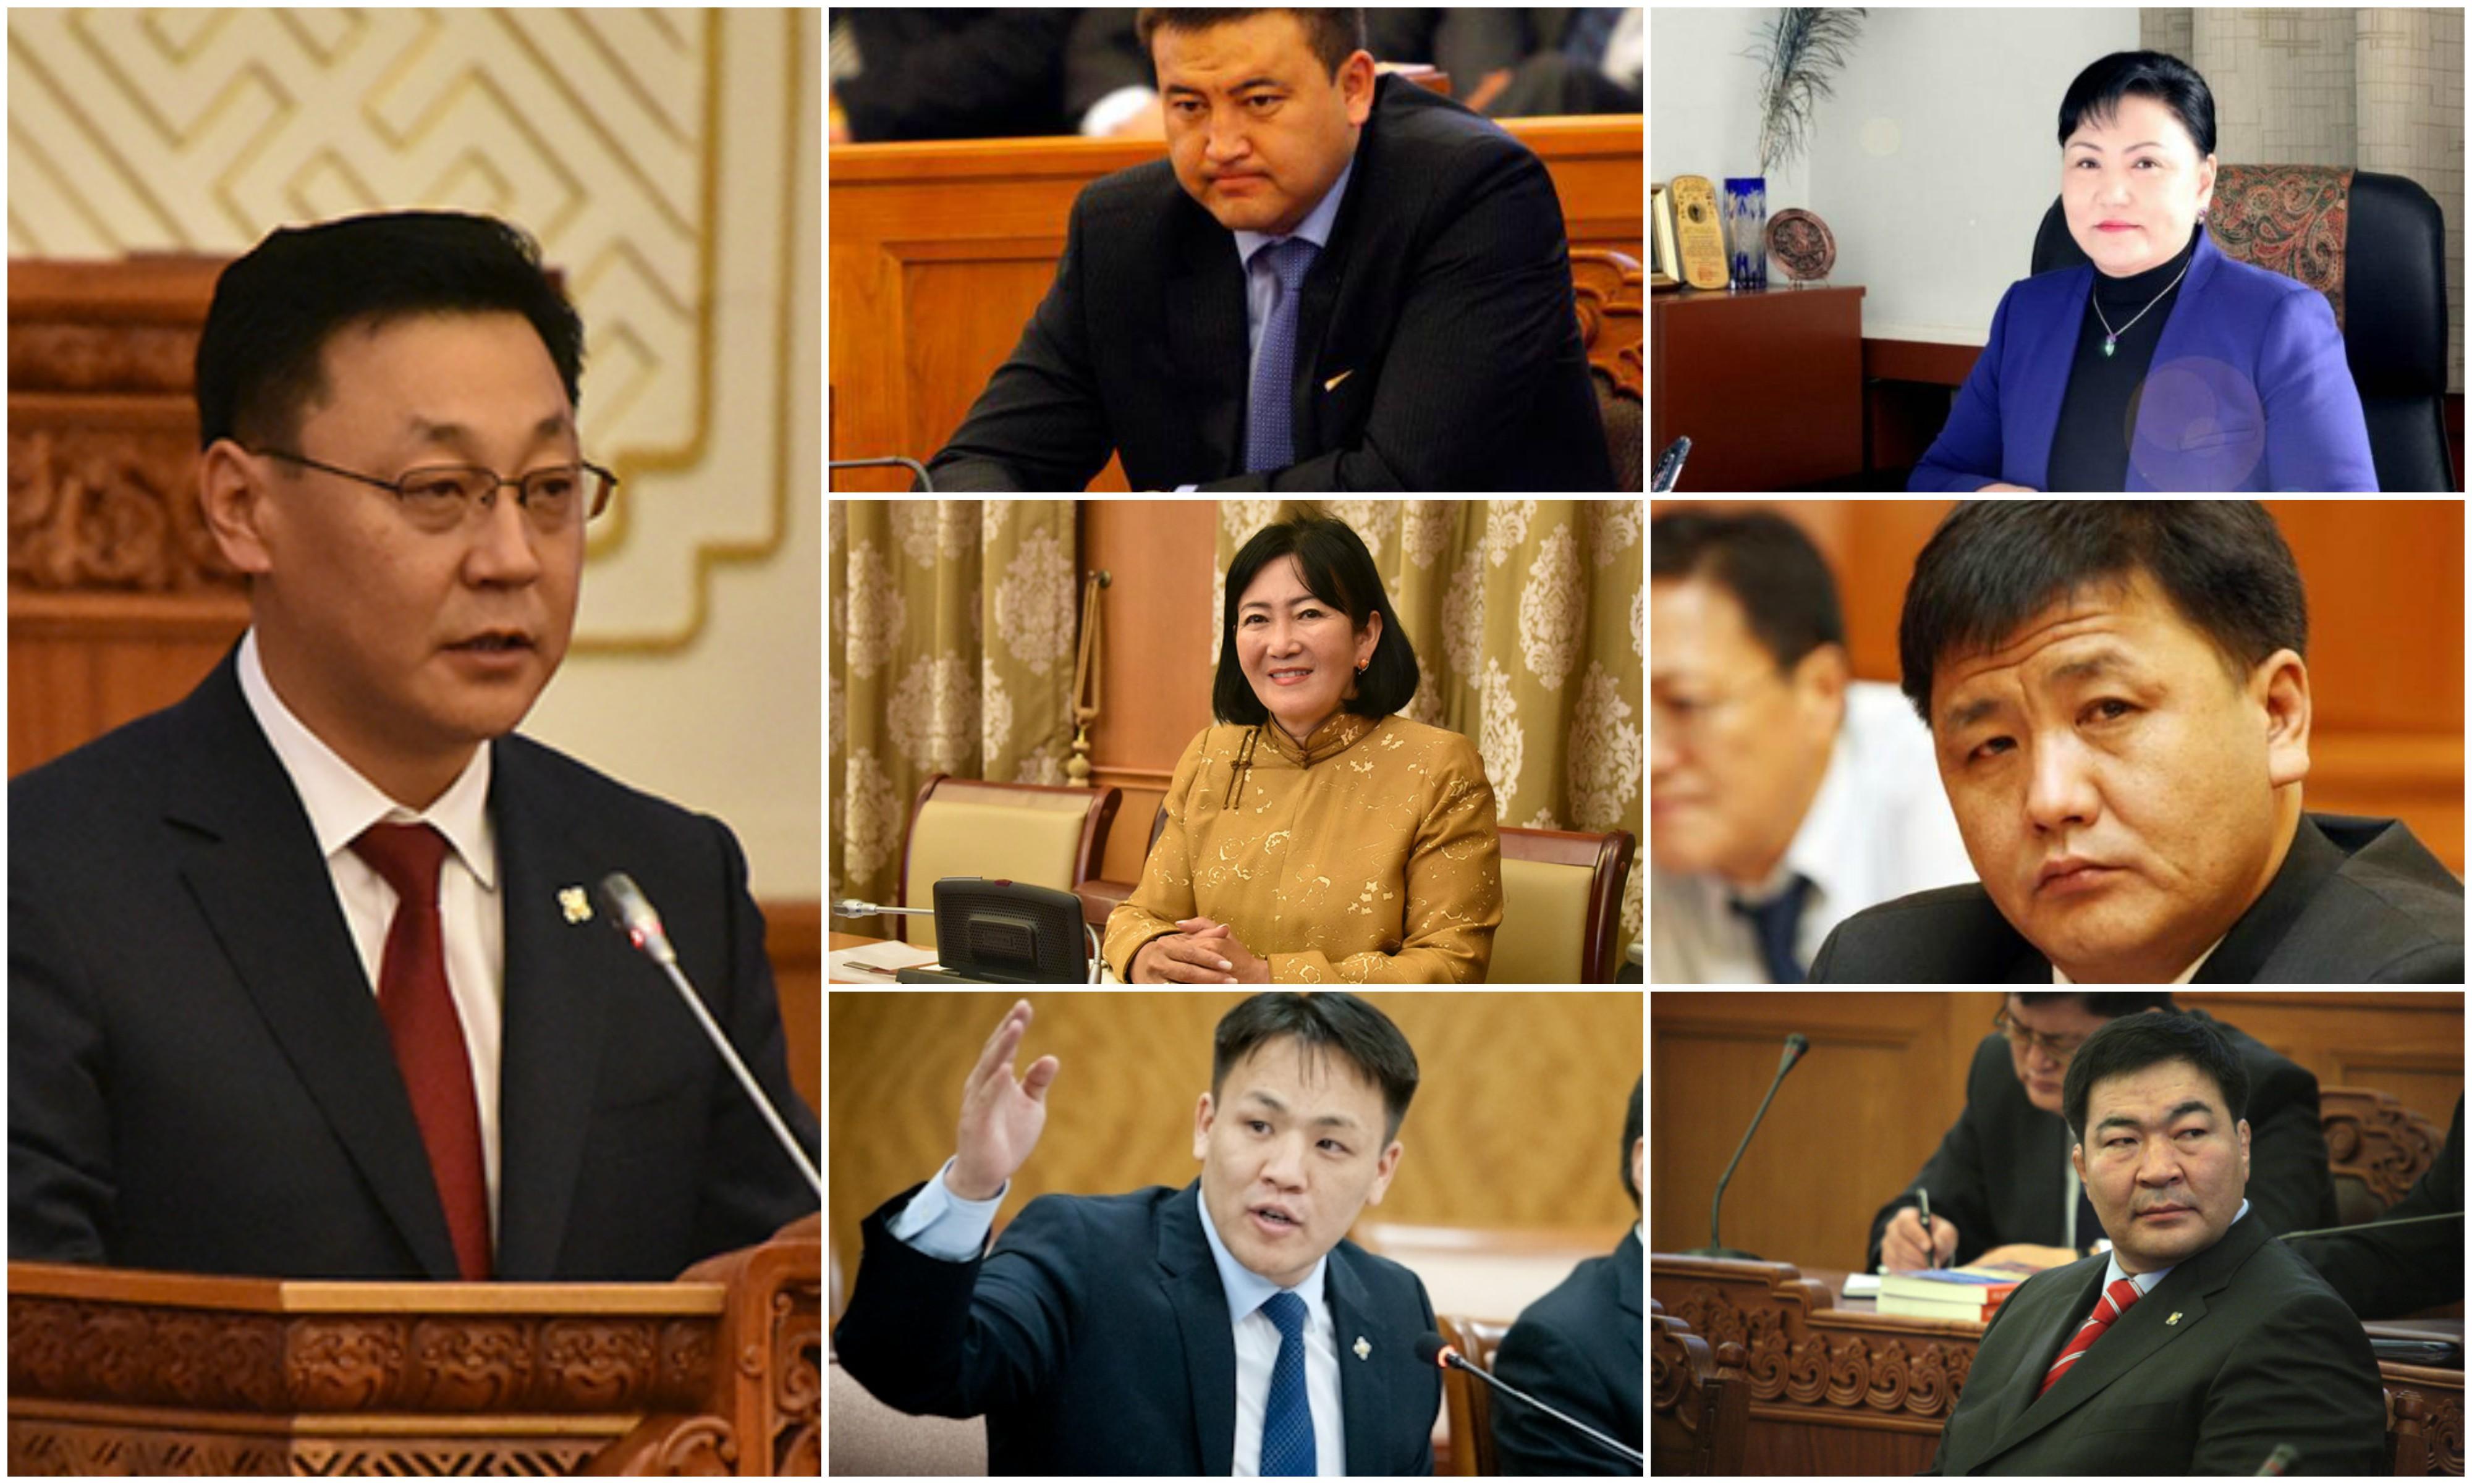 Засгийн газрын 16 сайдын 11-ийнх нь төсөв зарцуулах эрх нэмэгдэж, 5 нь төсвөө танууллаа